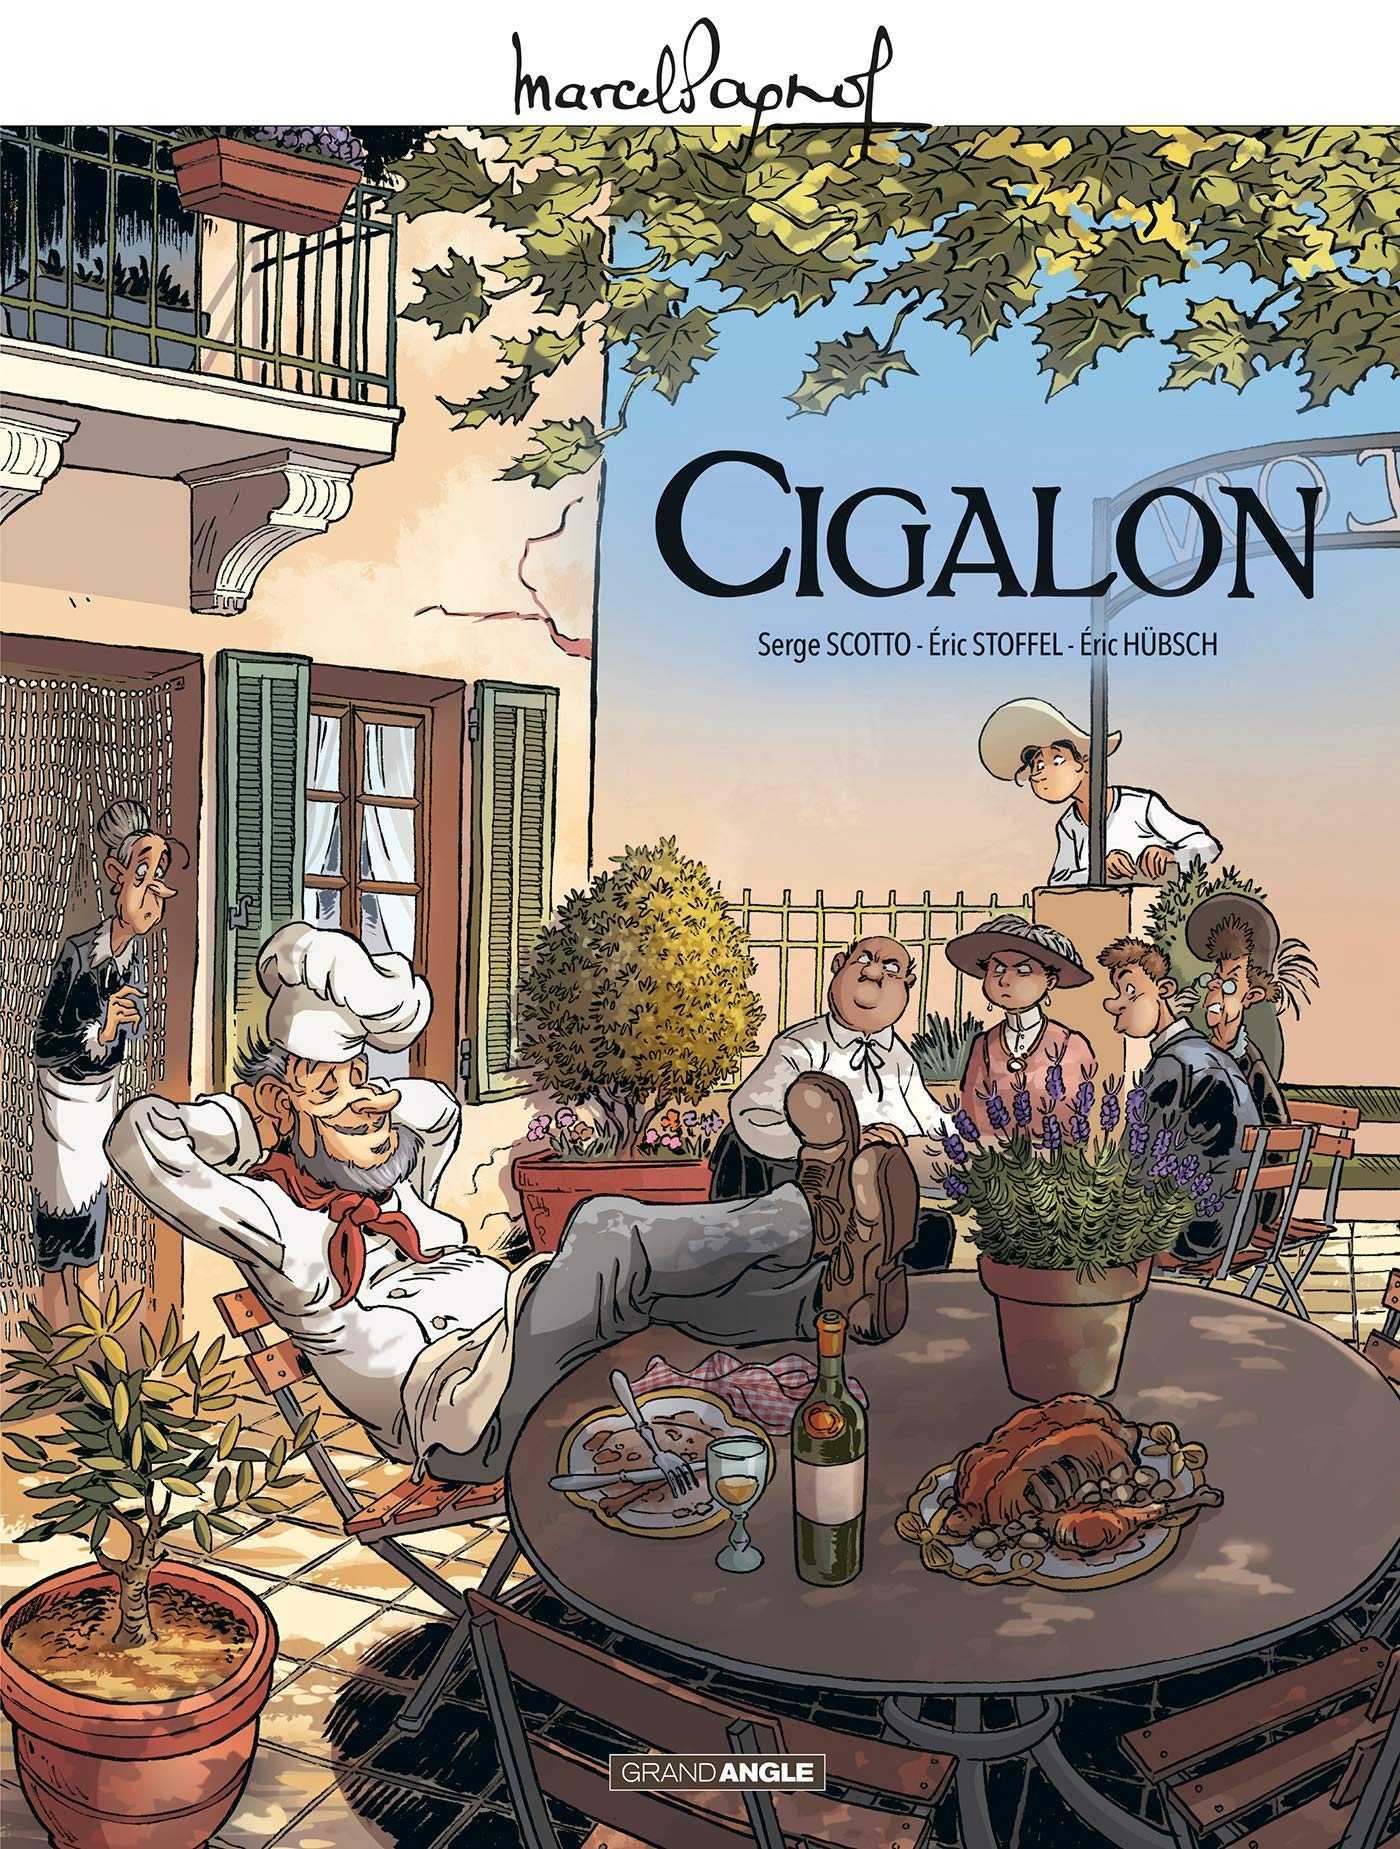 Cigalon, l'humour de Pagnol et Hübsch au Festival de Fabrègues les 1 et 2 septembre